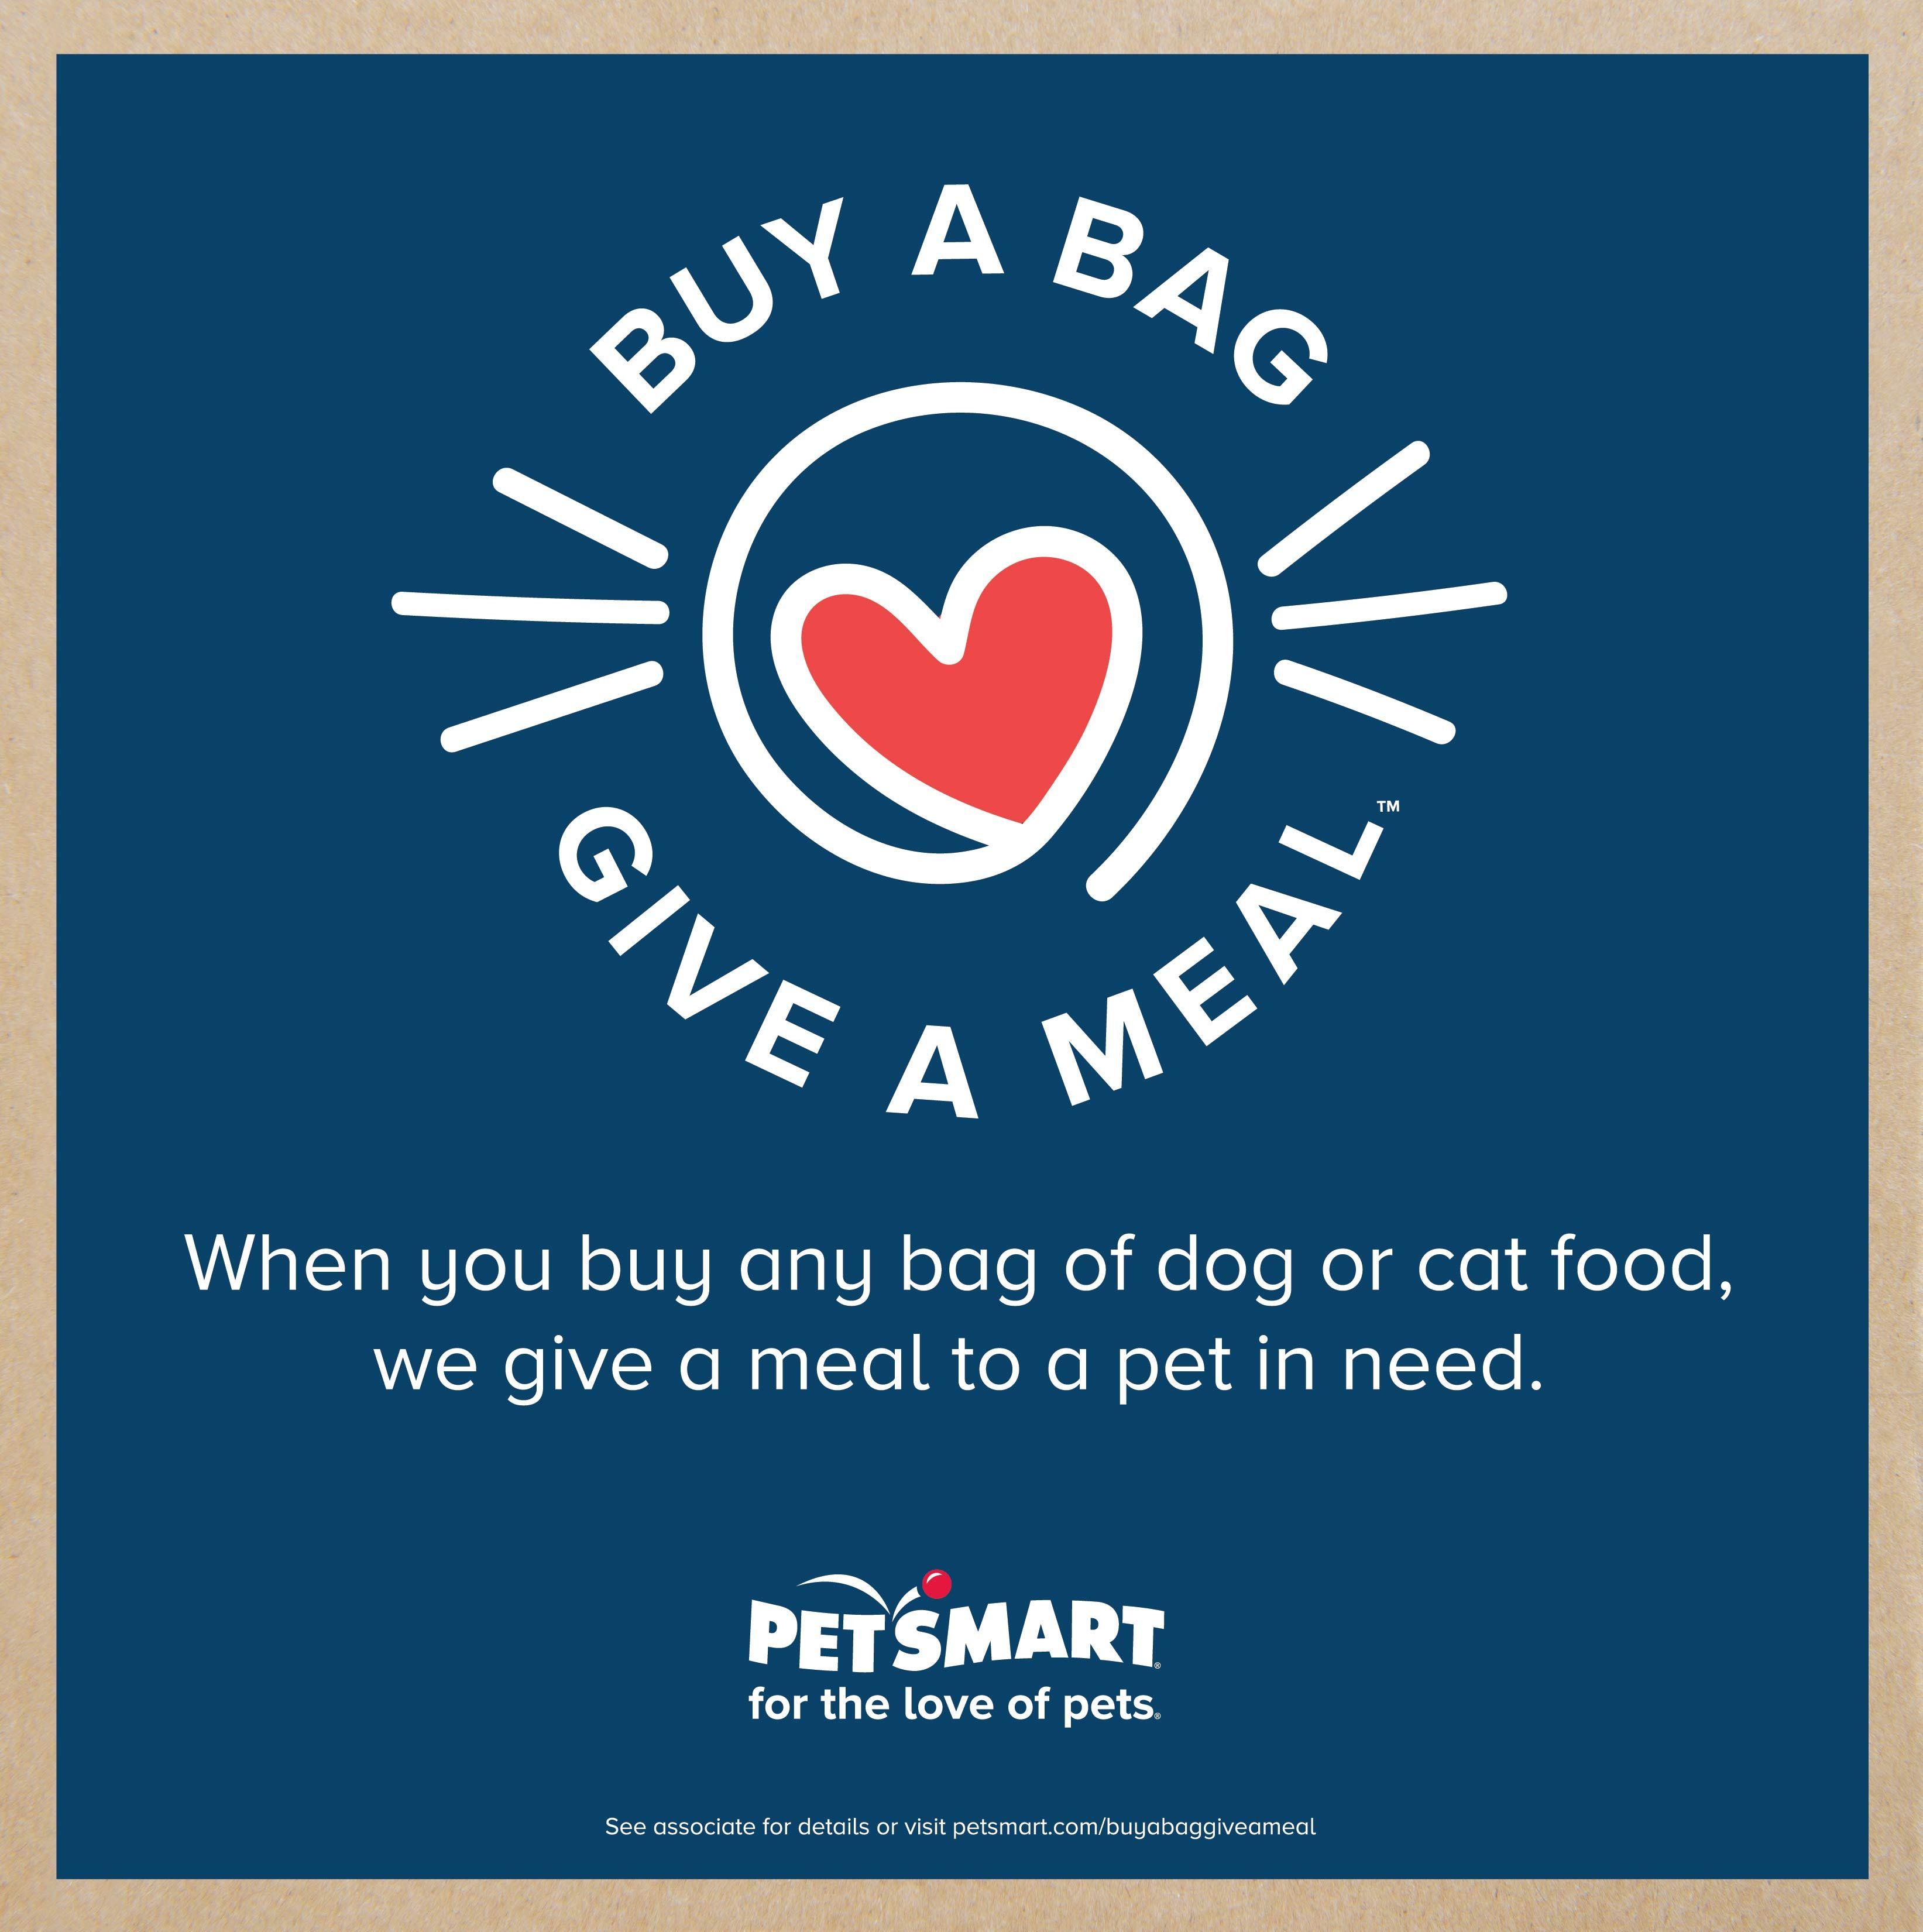 Petsmart Announces Buy A Bag Give A Meal Program Petsmart Pets Puppy Care